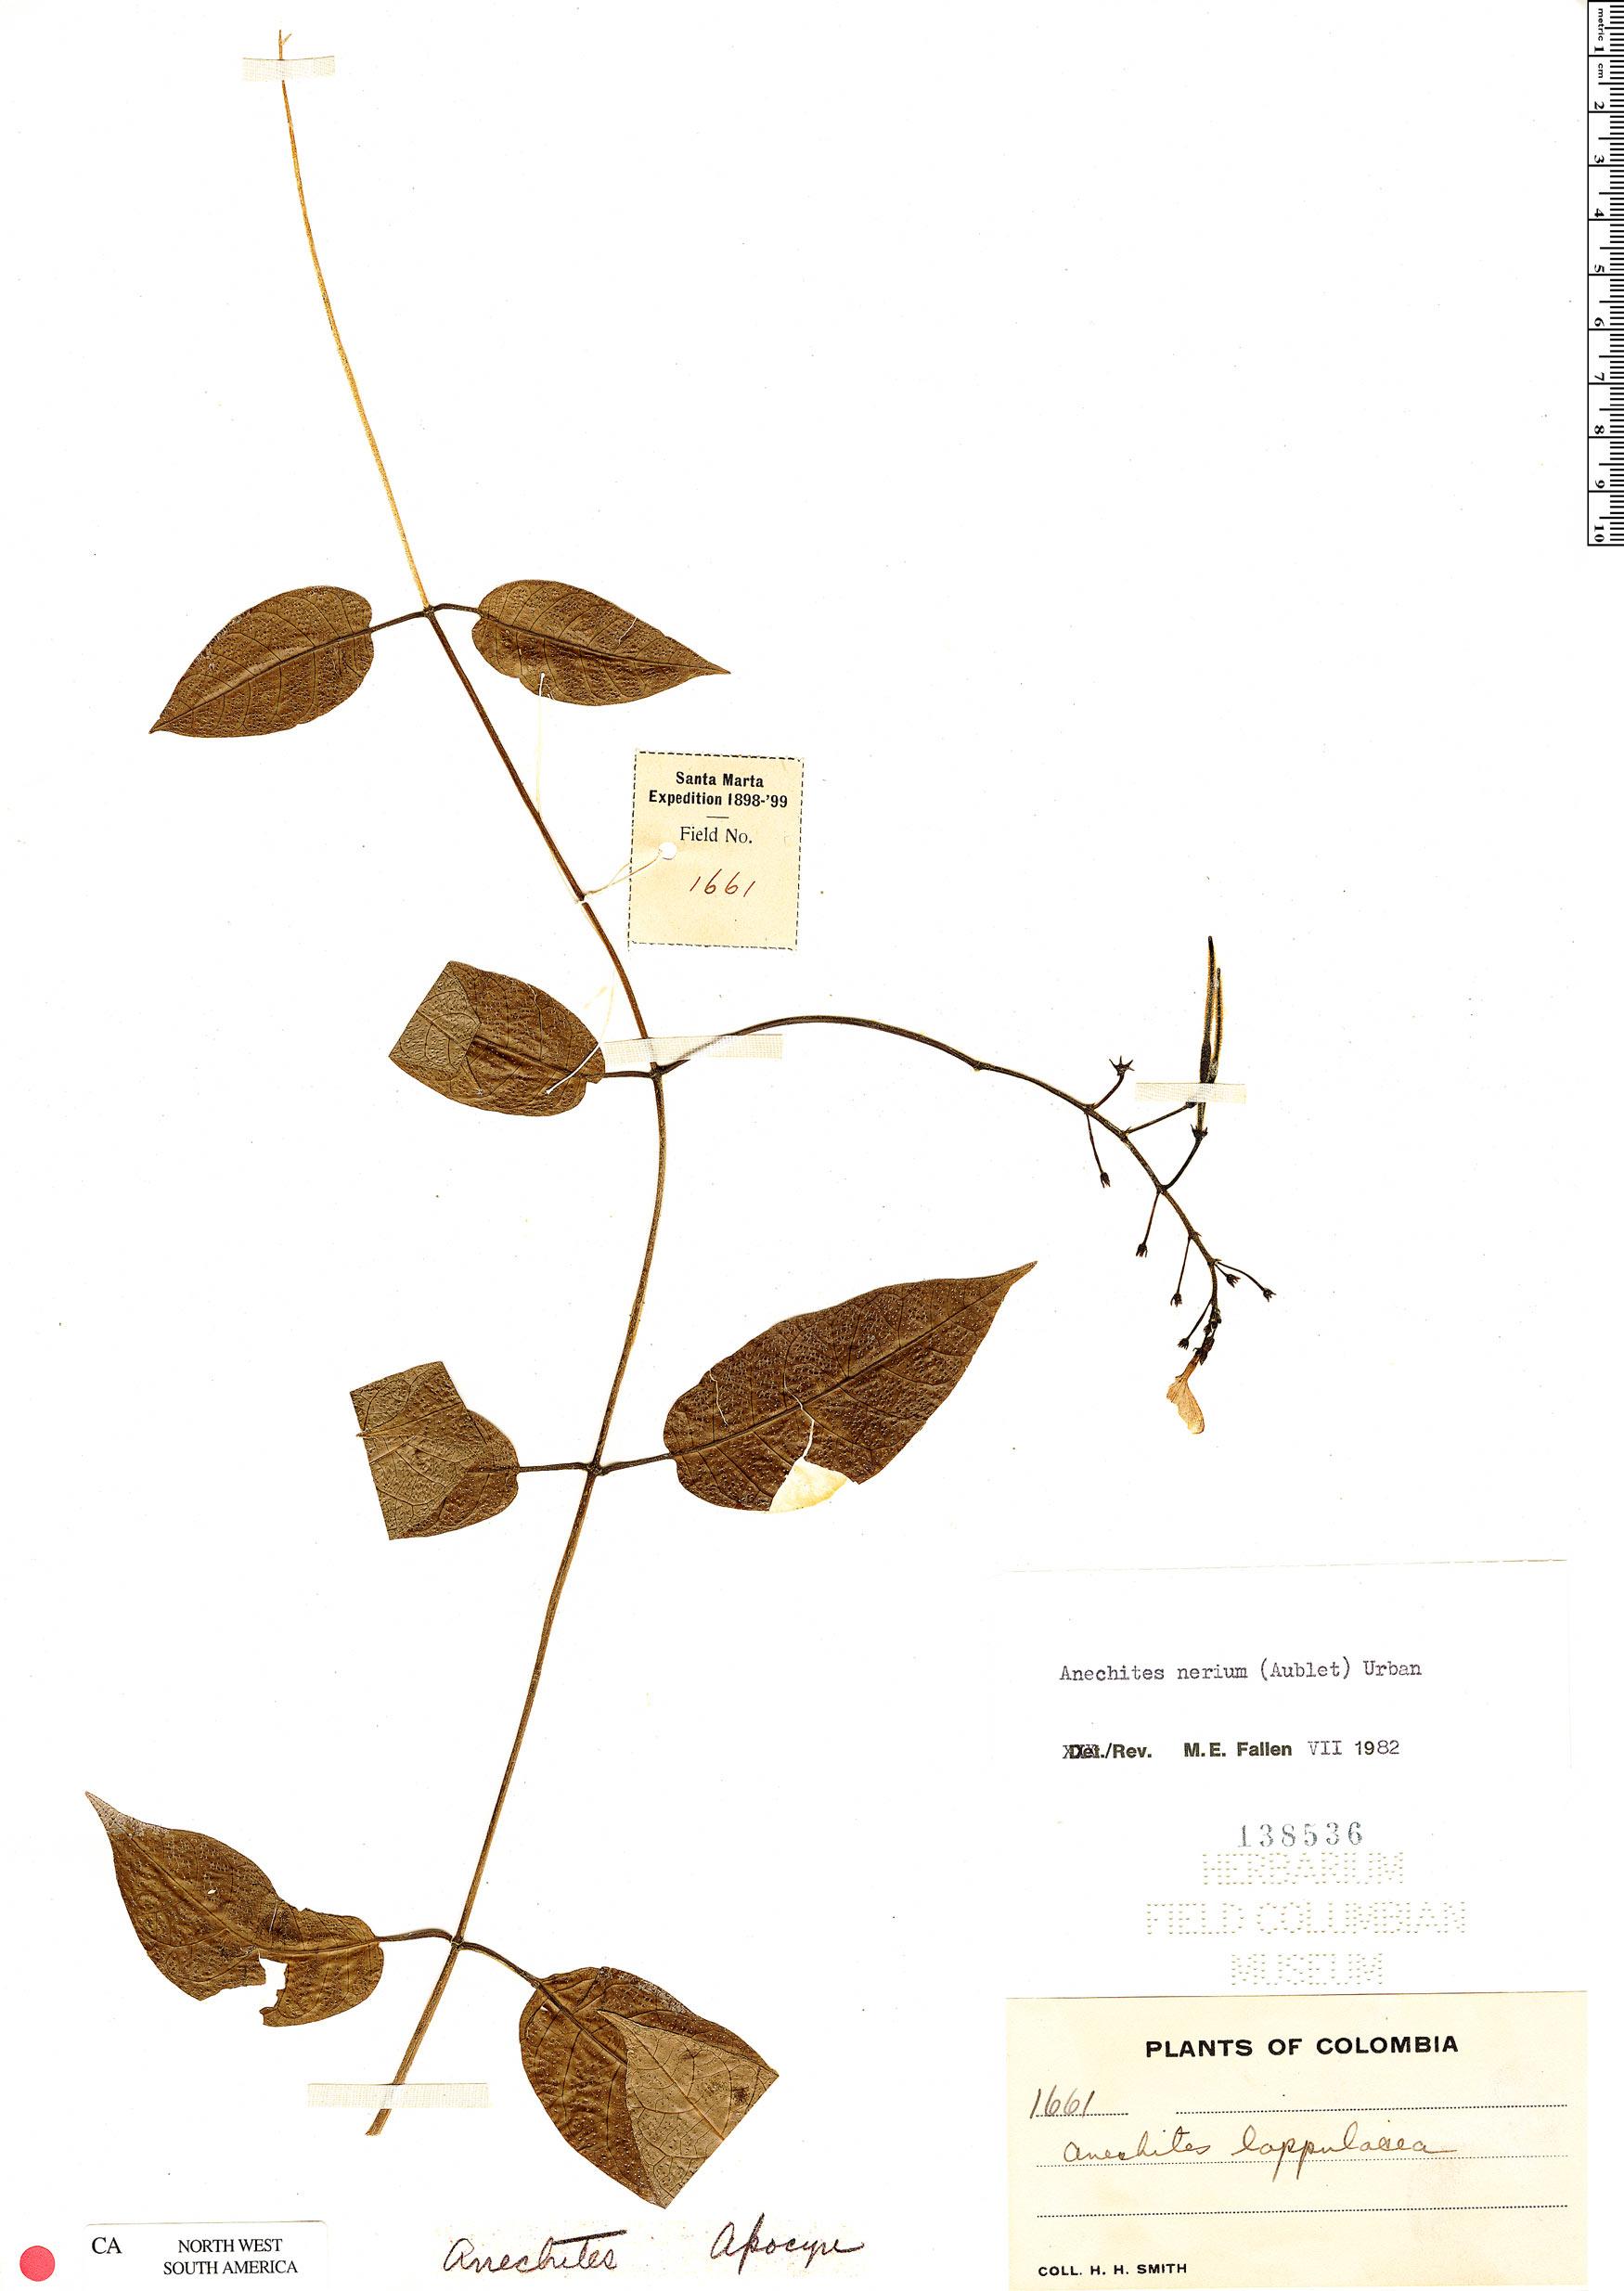 Specimen: Anechites nerium